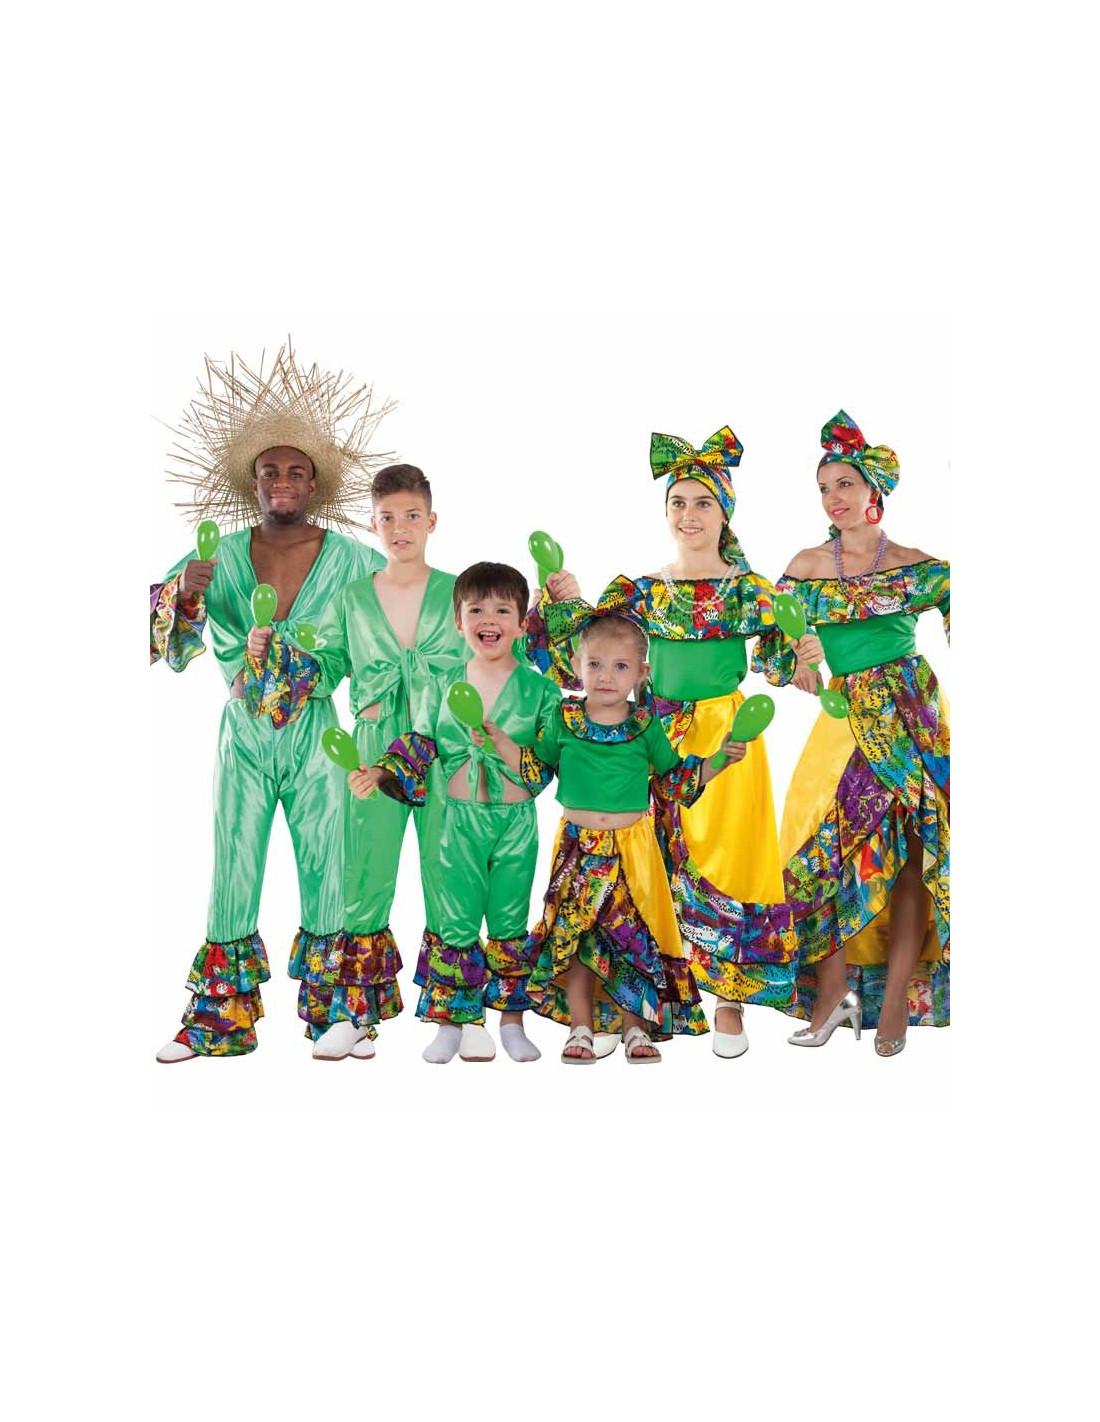 Disfraz en grupo de Rumberos Caribeños - Comprar en Tienda Bacanal e5efcdb869a4